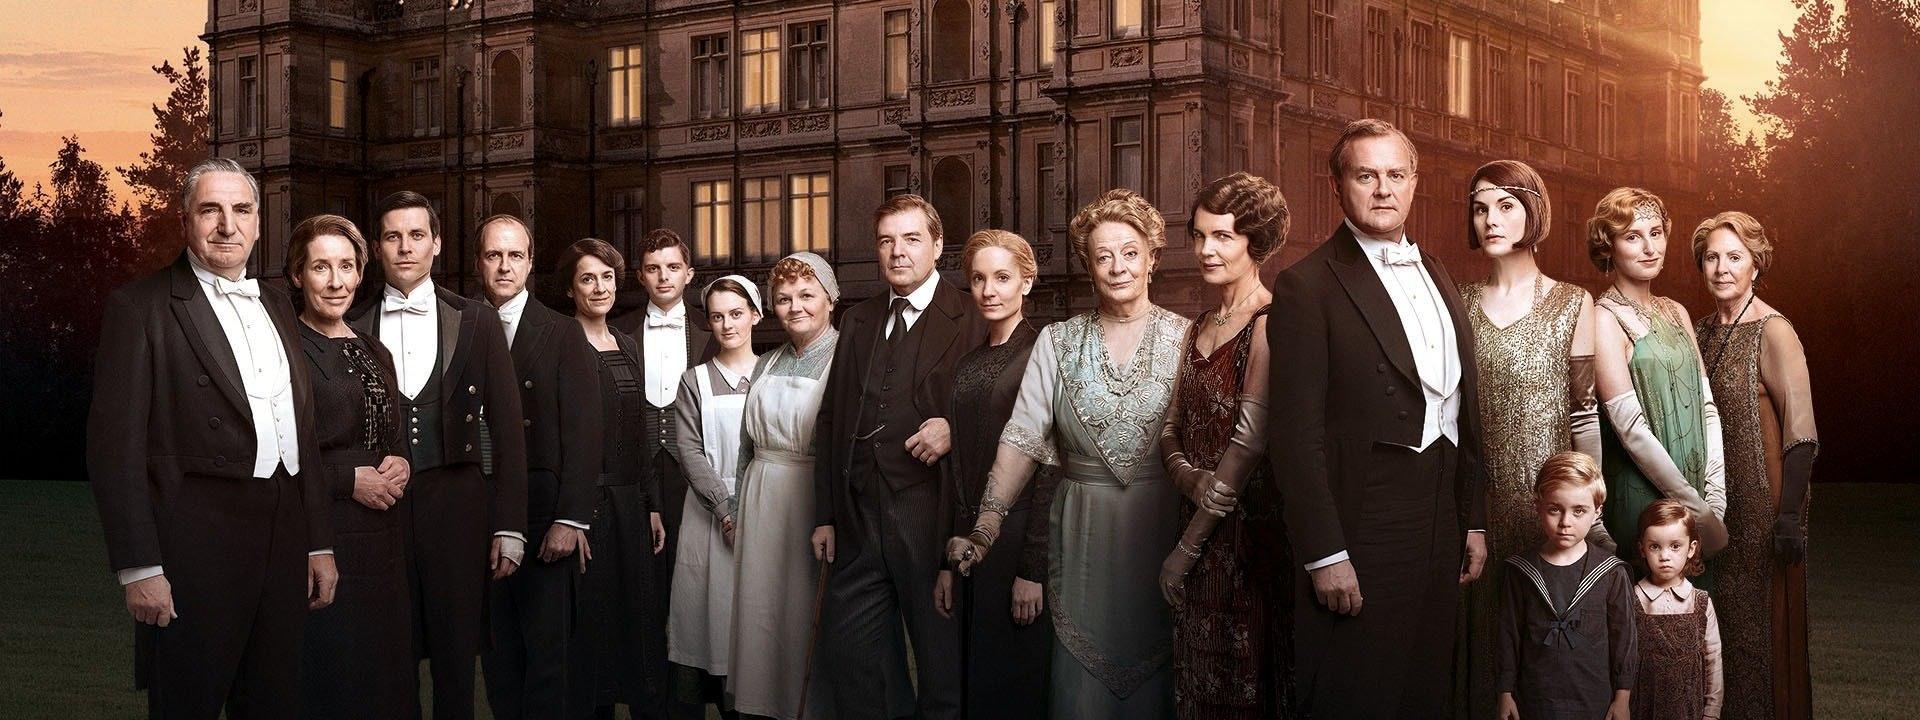 downton abbey season 1 episode 1 free online